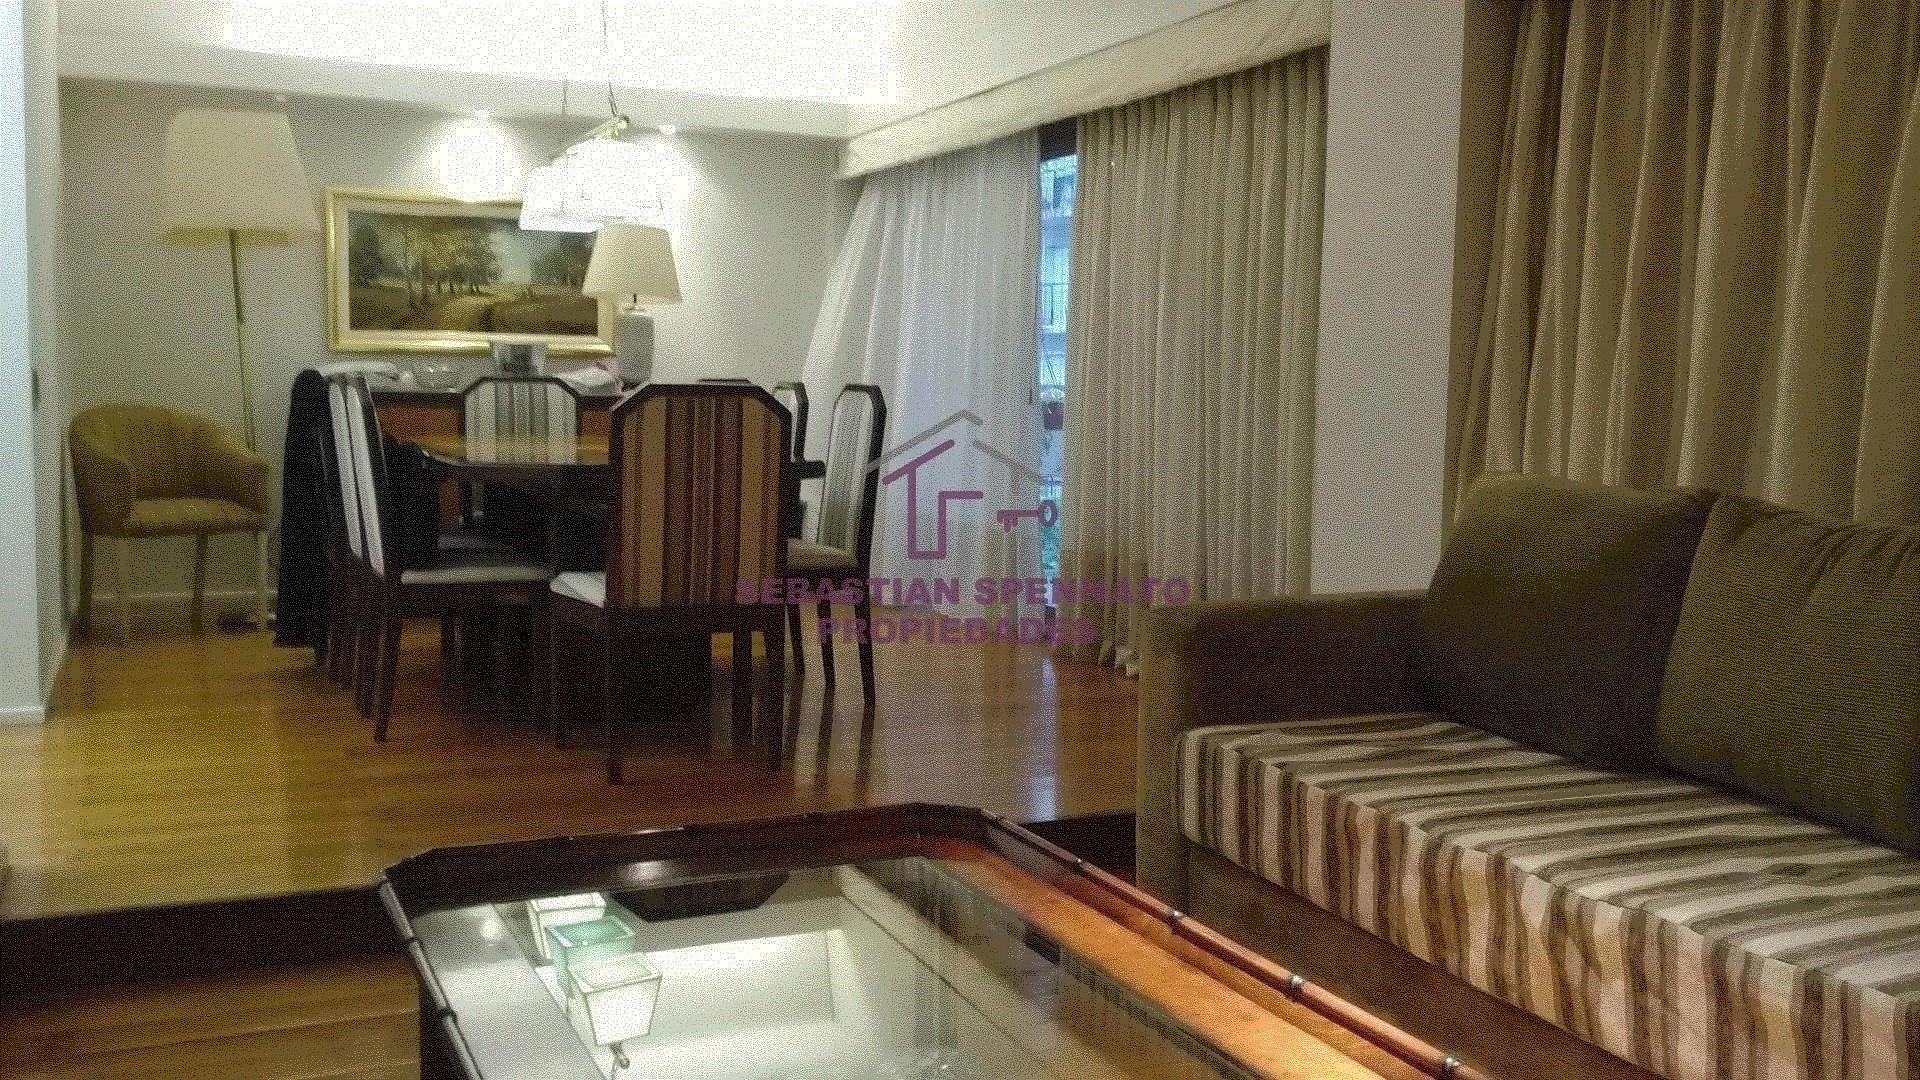 Piso entero - 4 dormitorios - 1 cochera fija y cubierta - Excelente estado